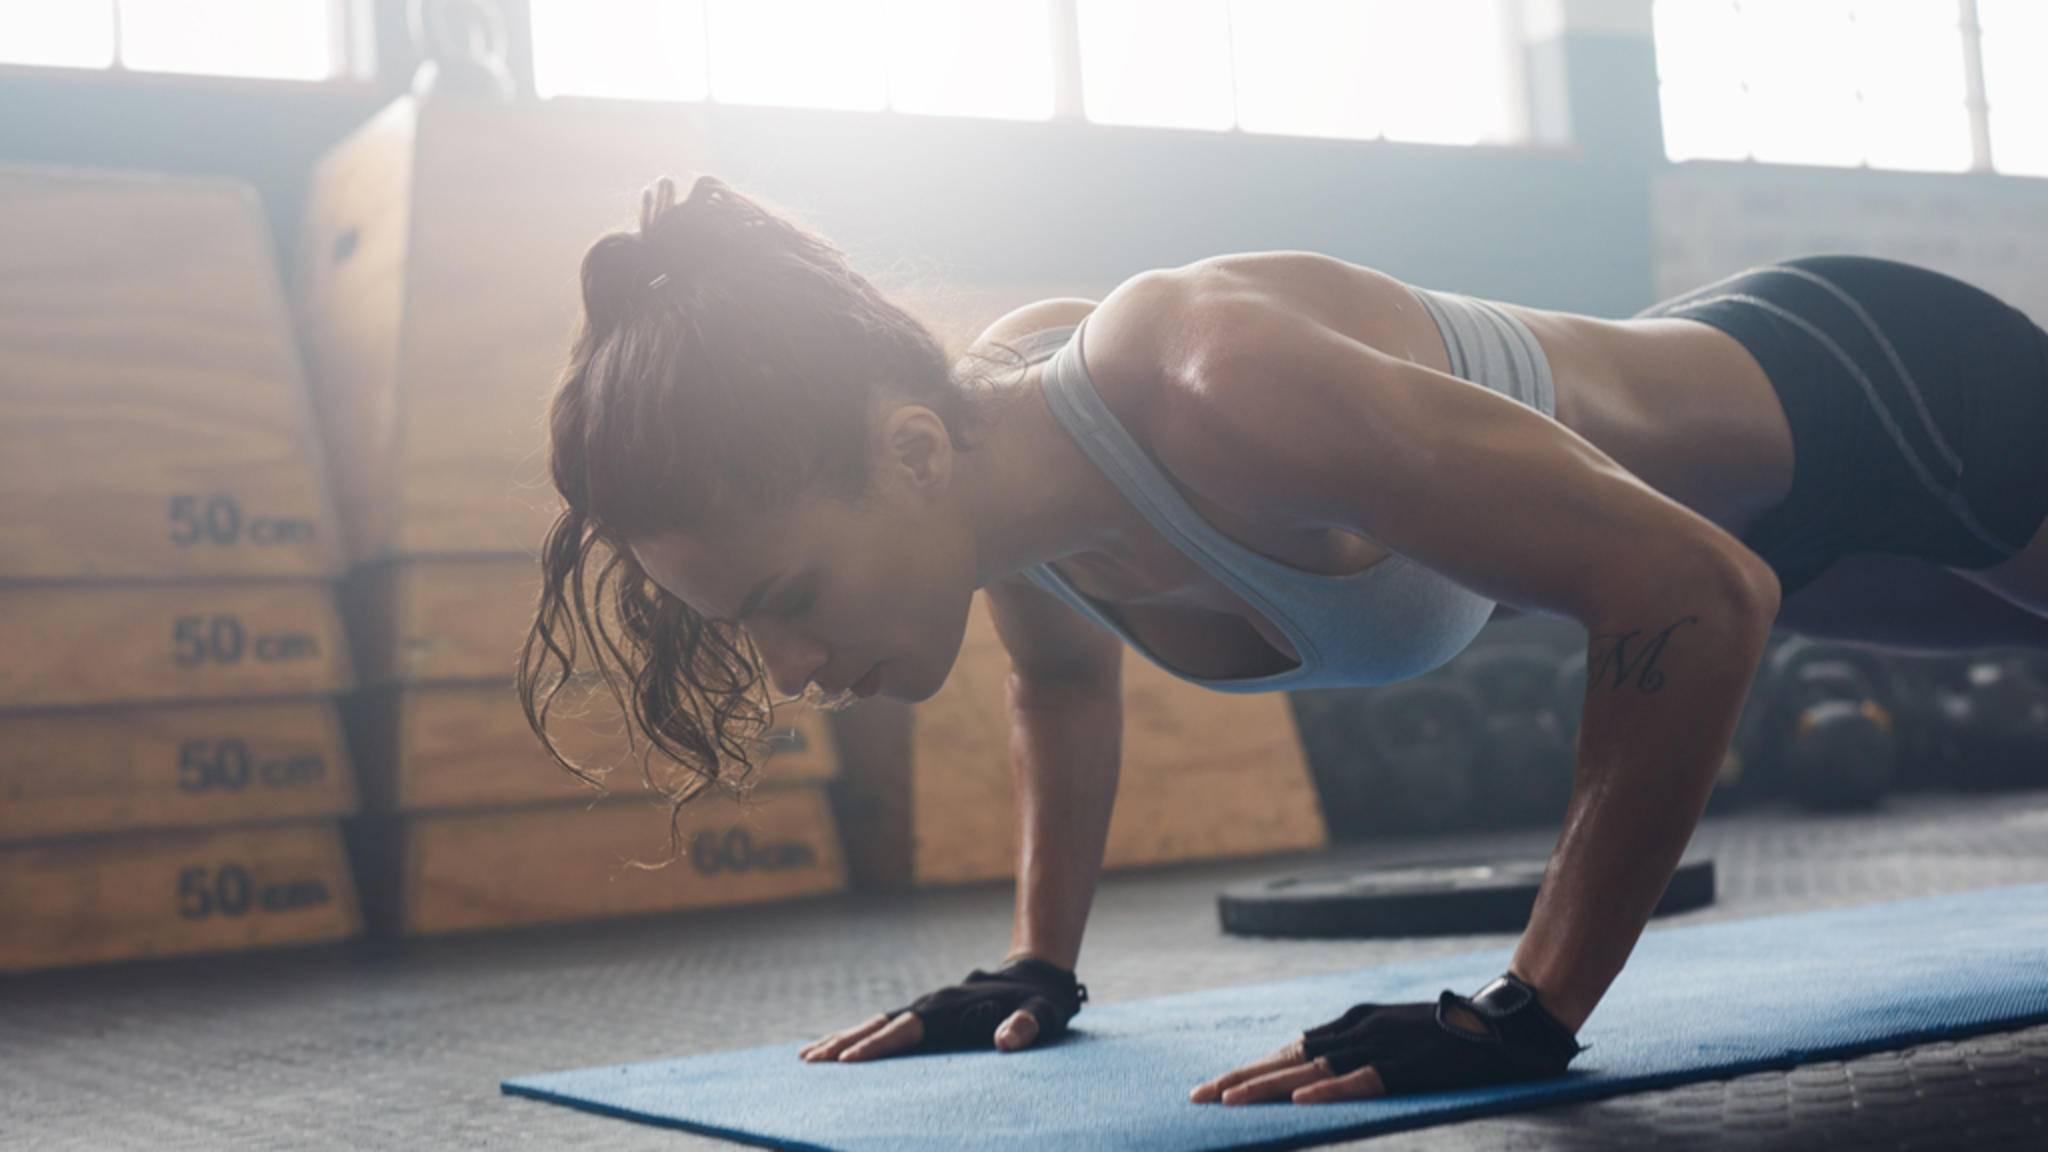 Kraftübungen mit dem eigenen Körpergewicht wie Liegestütze sind für das Tabata-Training bestens geeignet.